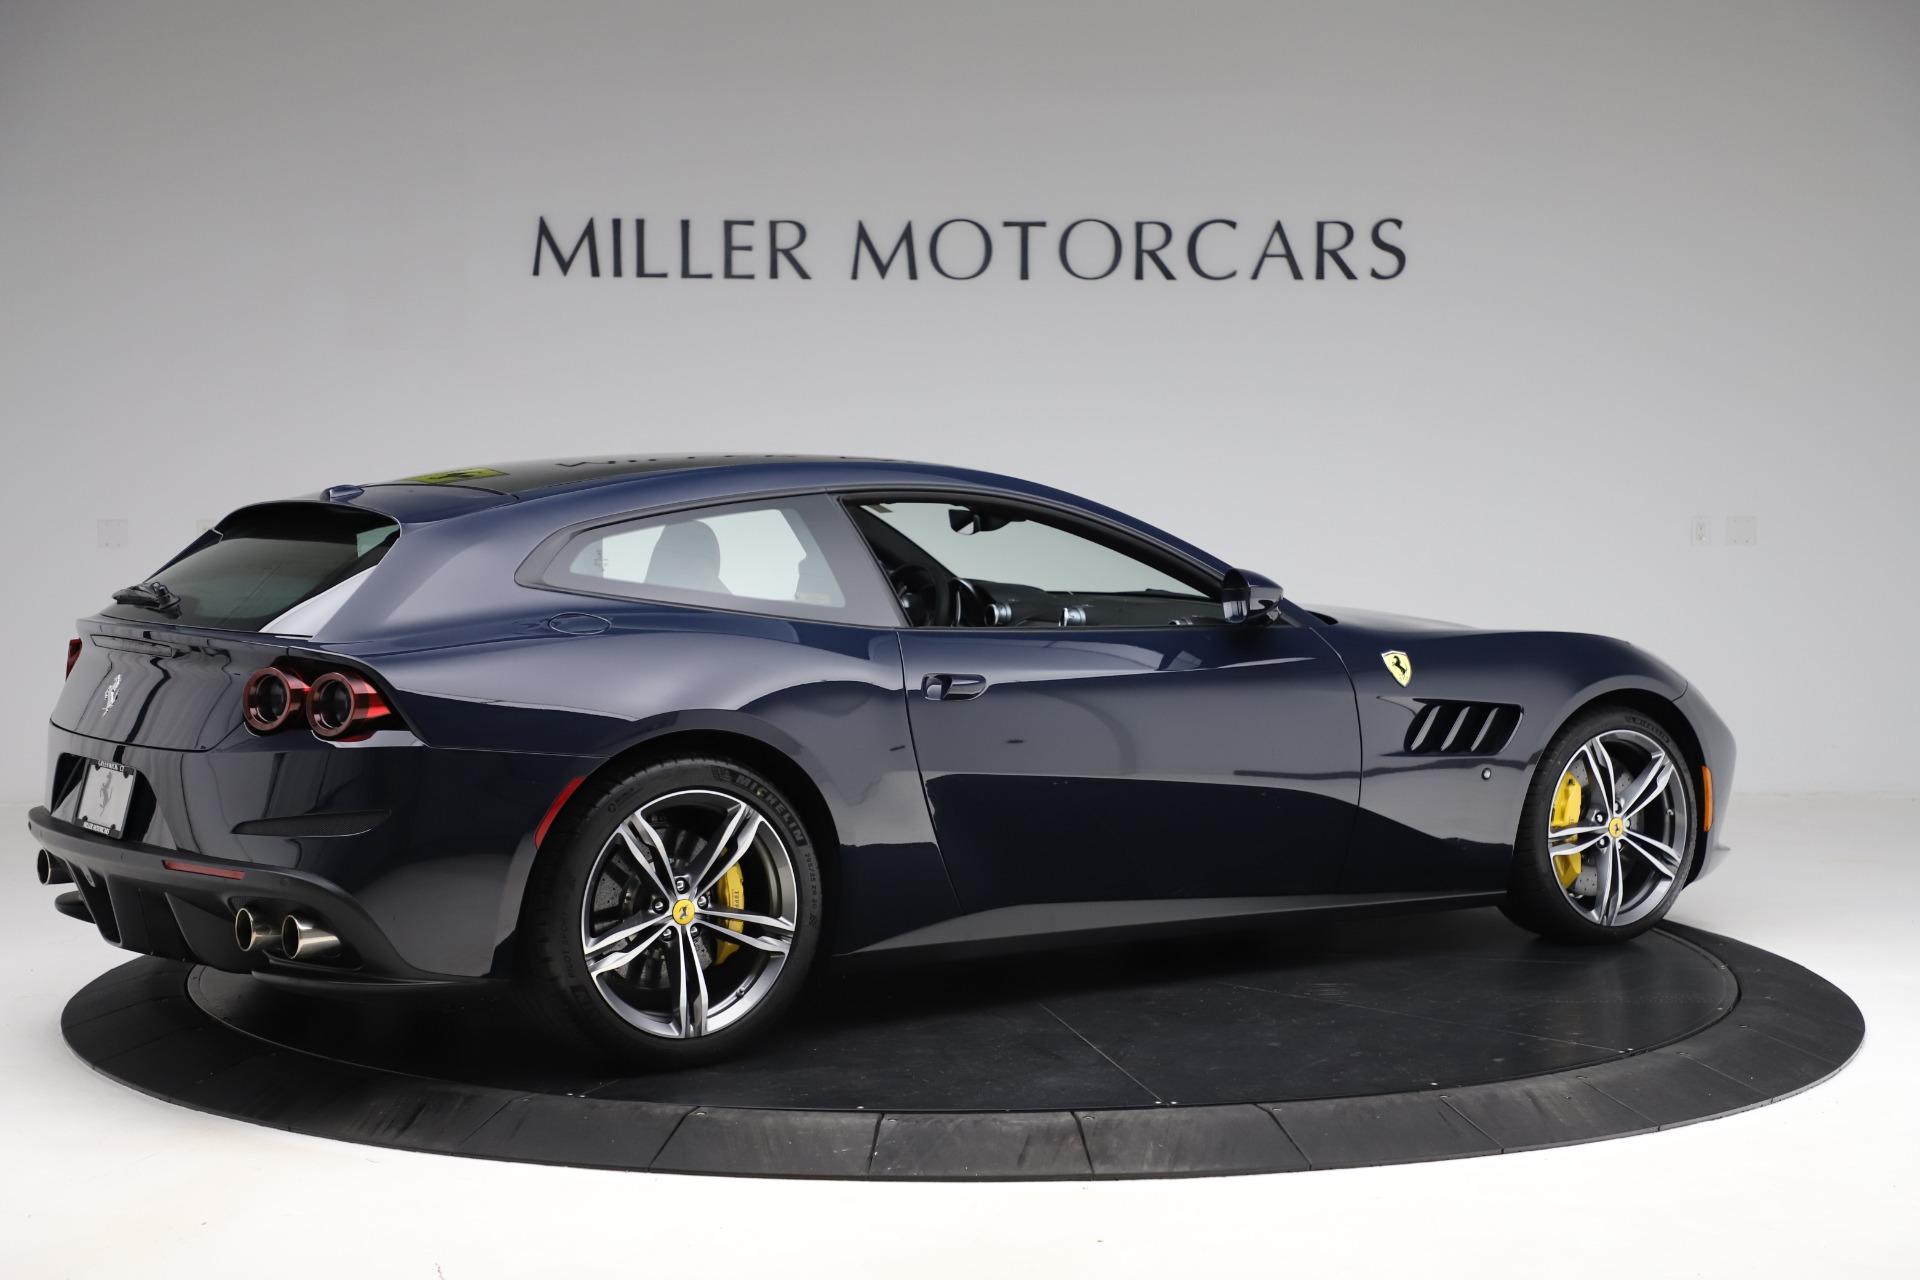 Pre Owned 2020 Ferrari Gtc4lusso For Sale Miller Motorcars Stock F2035b